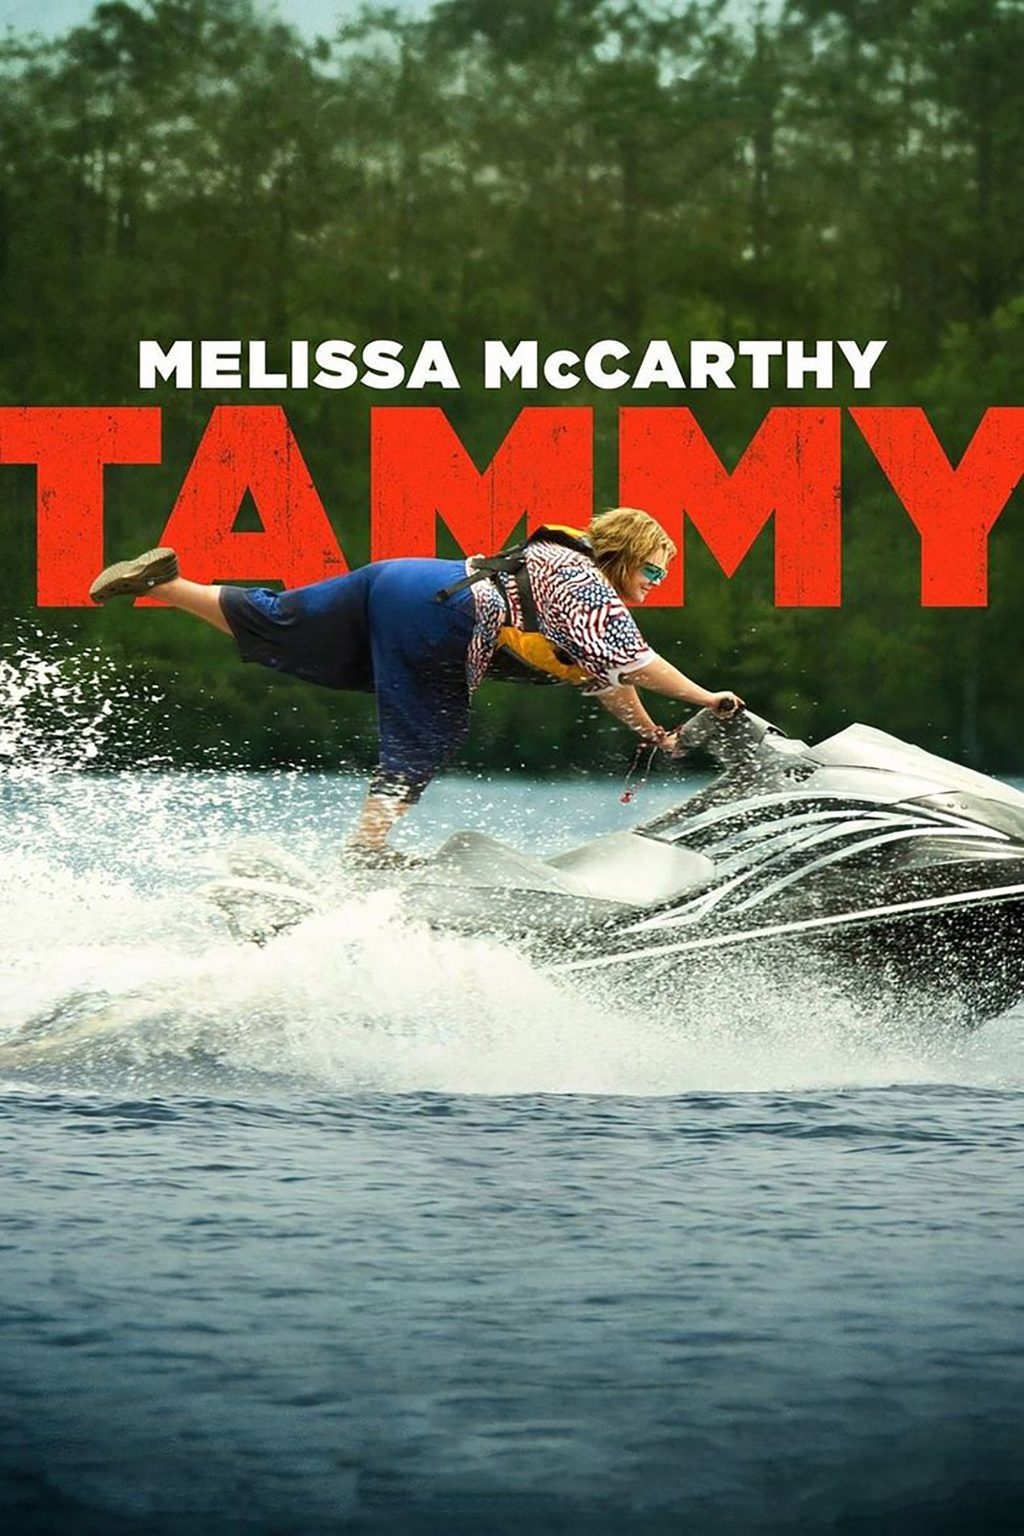 phim road movie Tammy